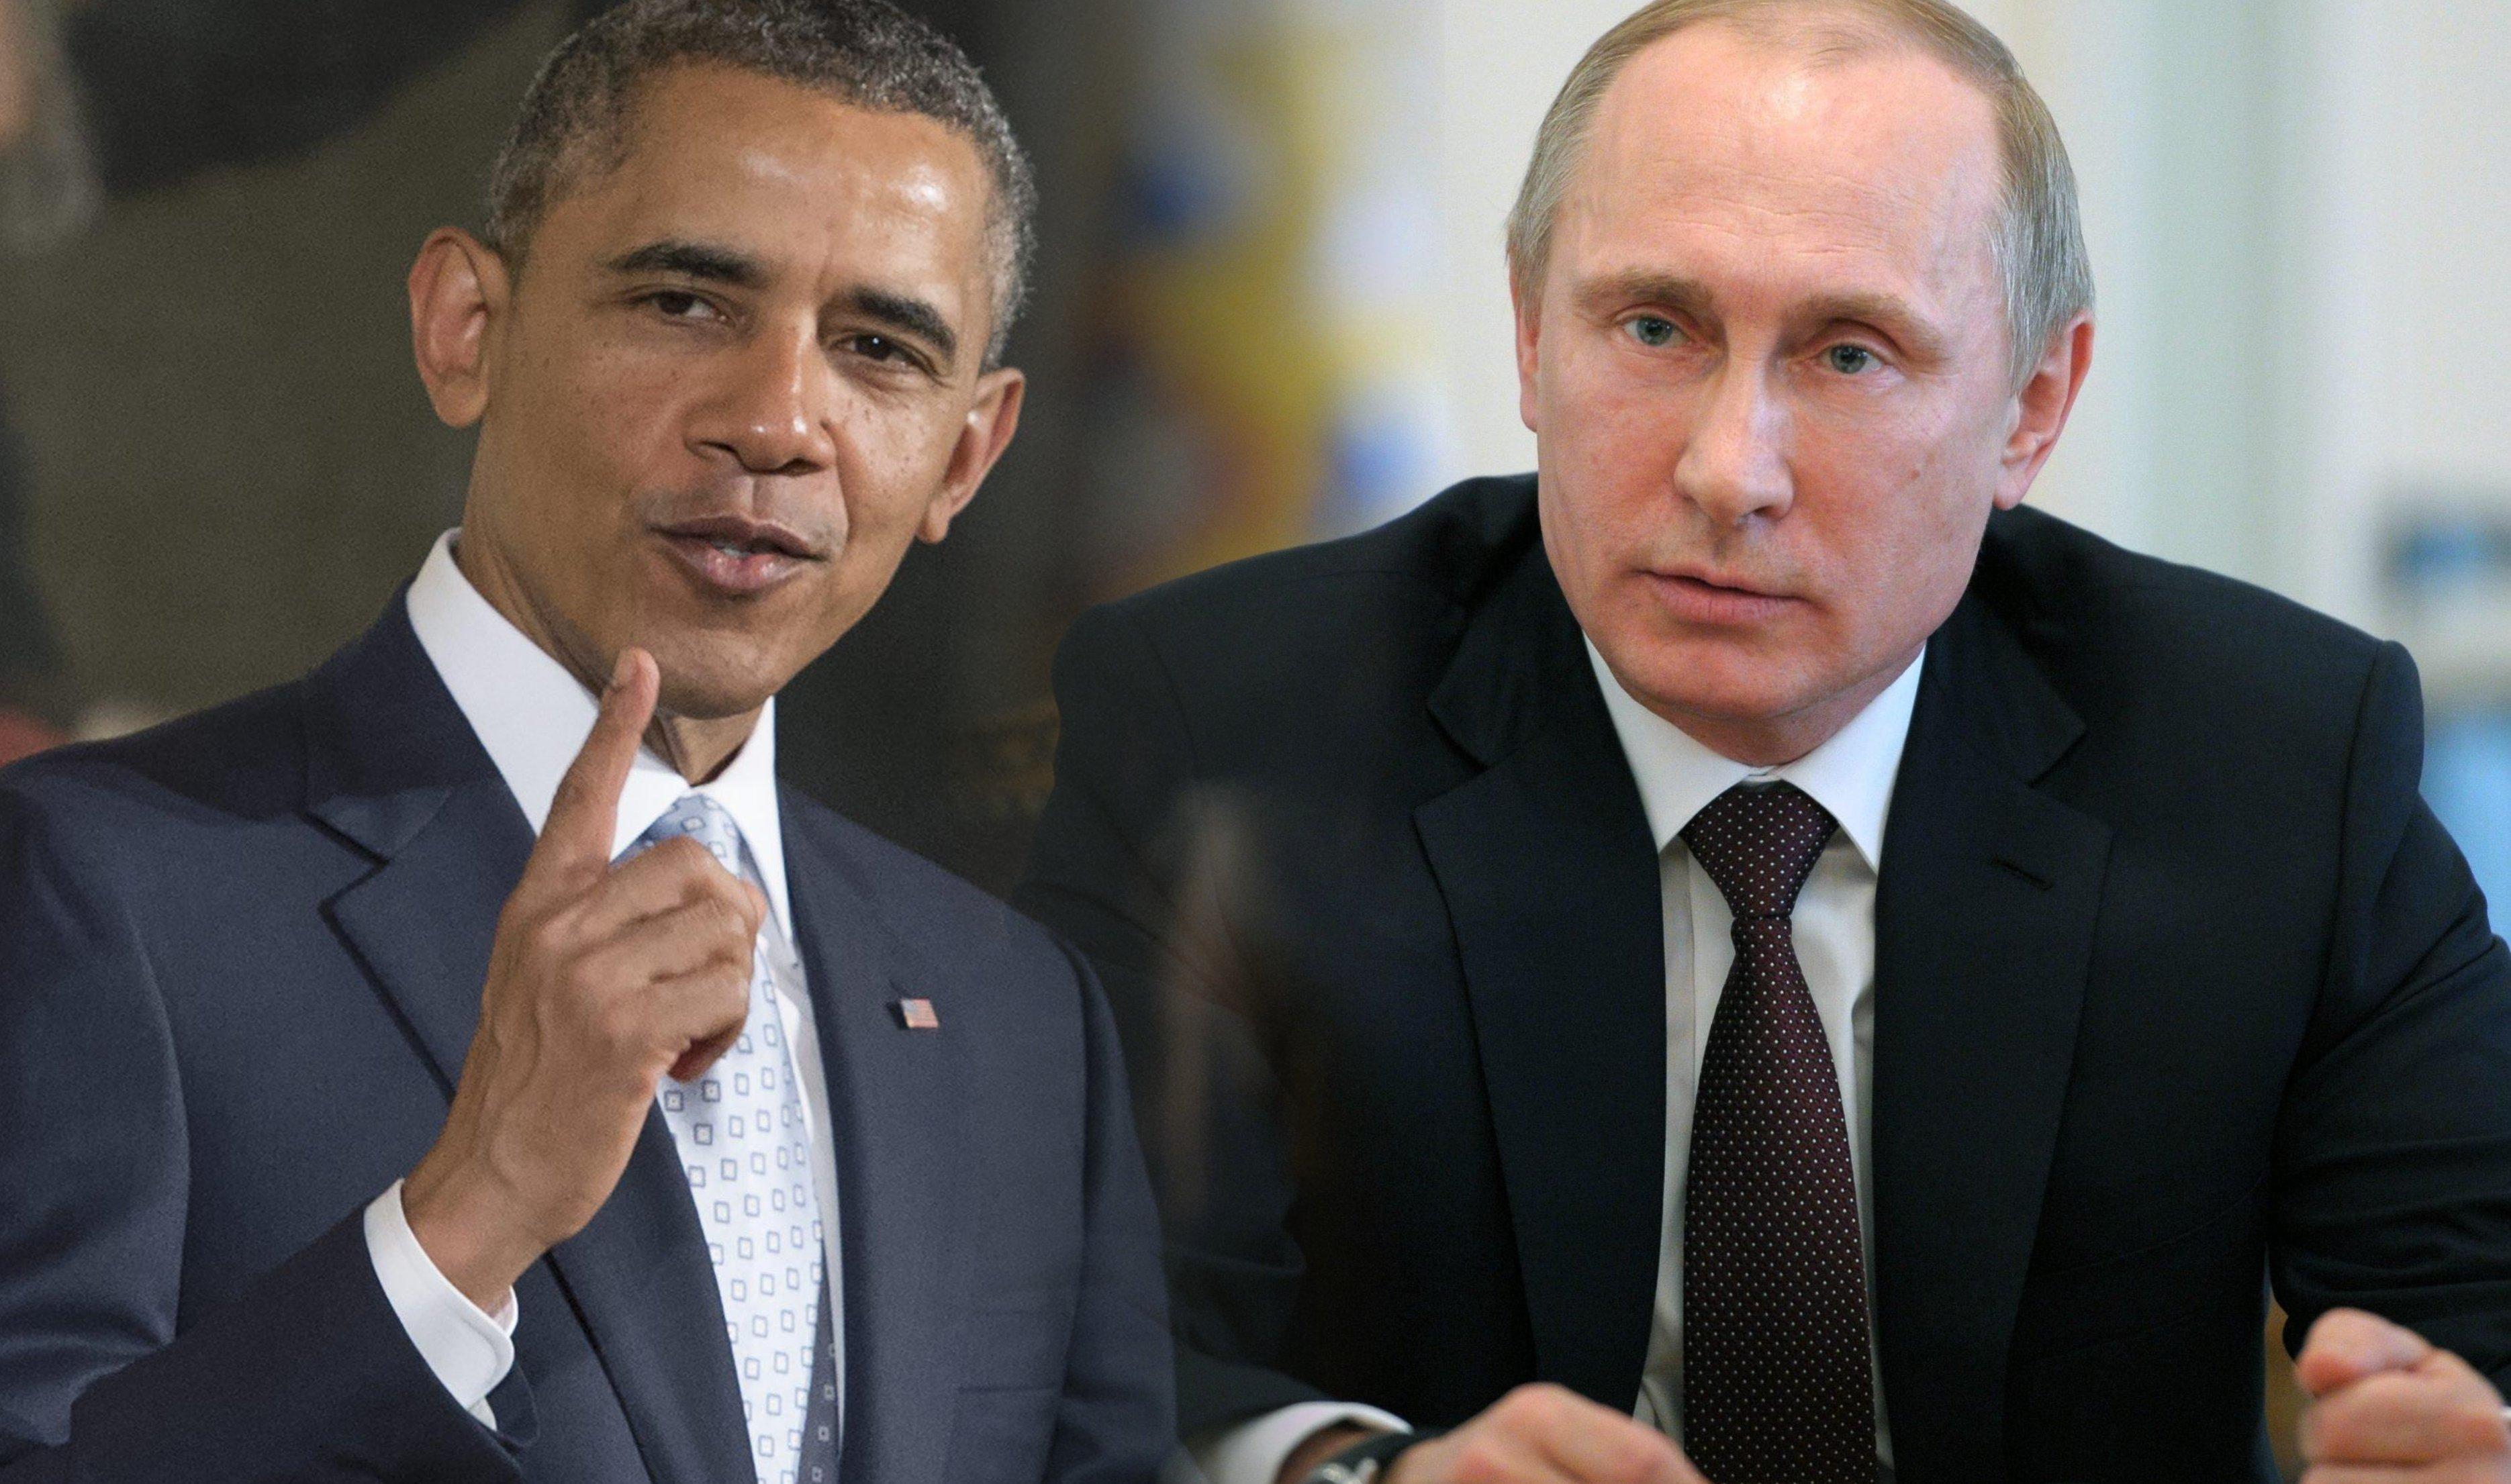 """Tensione Usa-Russia, Obama: """"Putin sta cercando di rifare l'impero sovietico"""", reazione dura di Mosca: """"Reagiremo alle minacce Usa"""""""